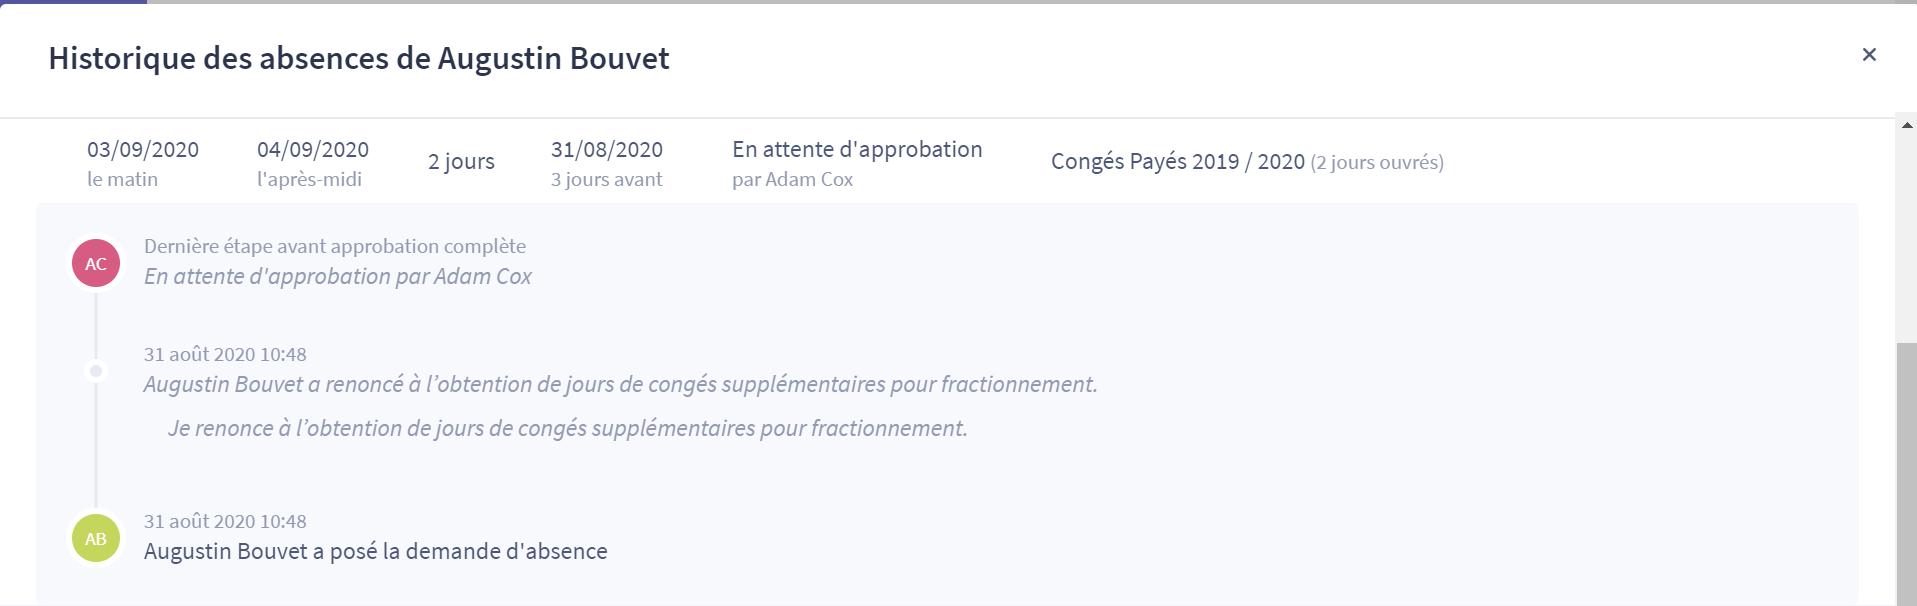 Message_de_renonciation_au_fractionnement.png